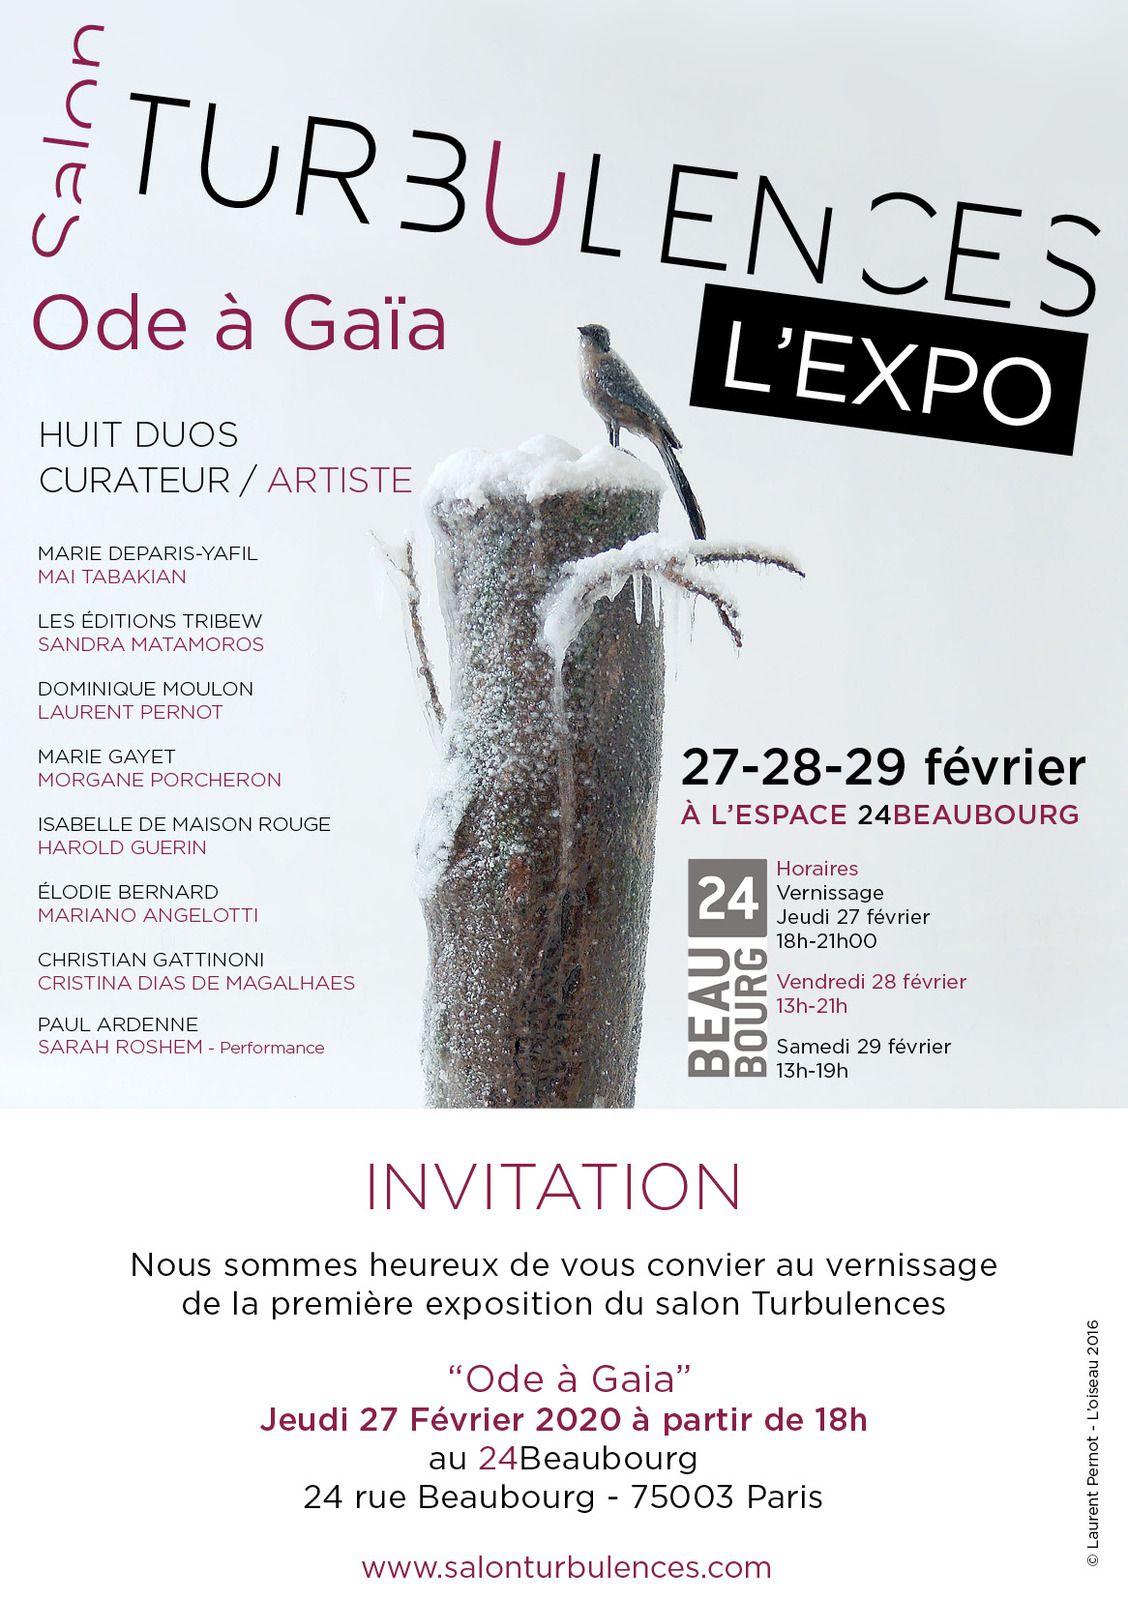 Salon TURBULENCES - L'EXPO - du 27 au 29 février 2020 - Espace 24Beaubourg - Paris